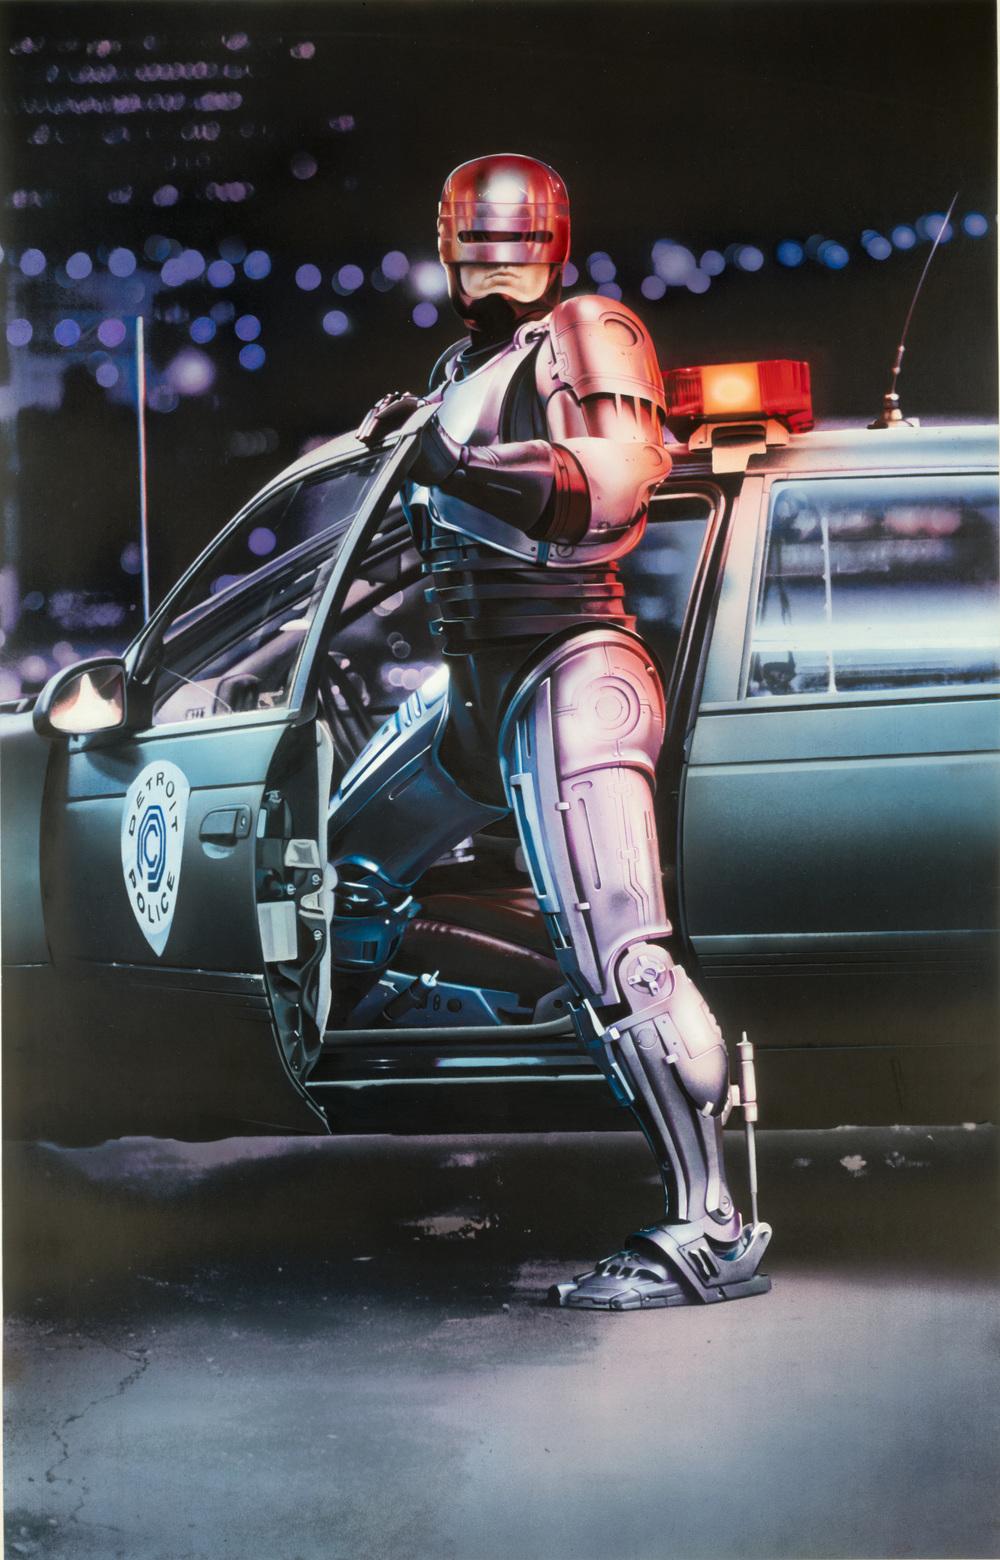 Robocop (1987) - Paul Verhoeven